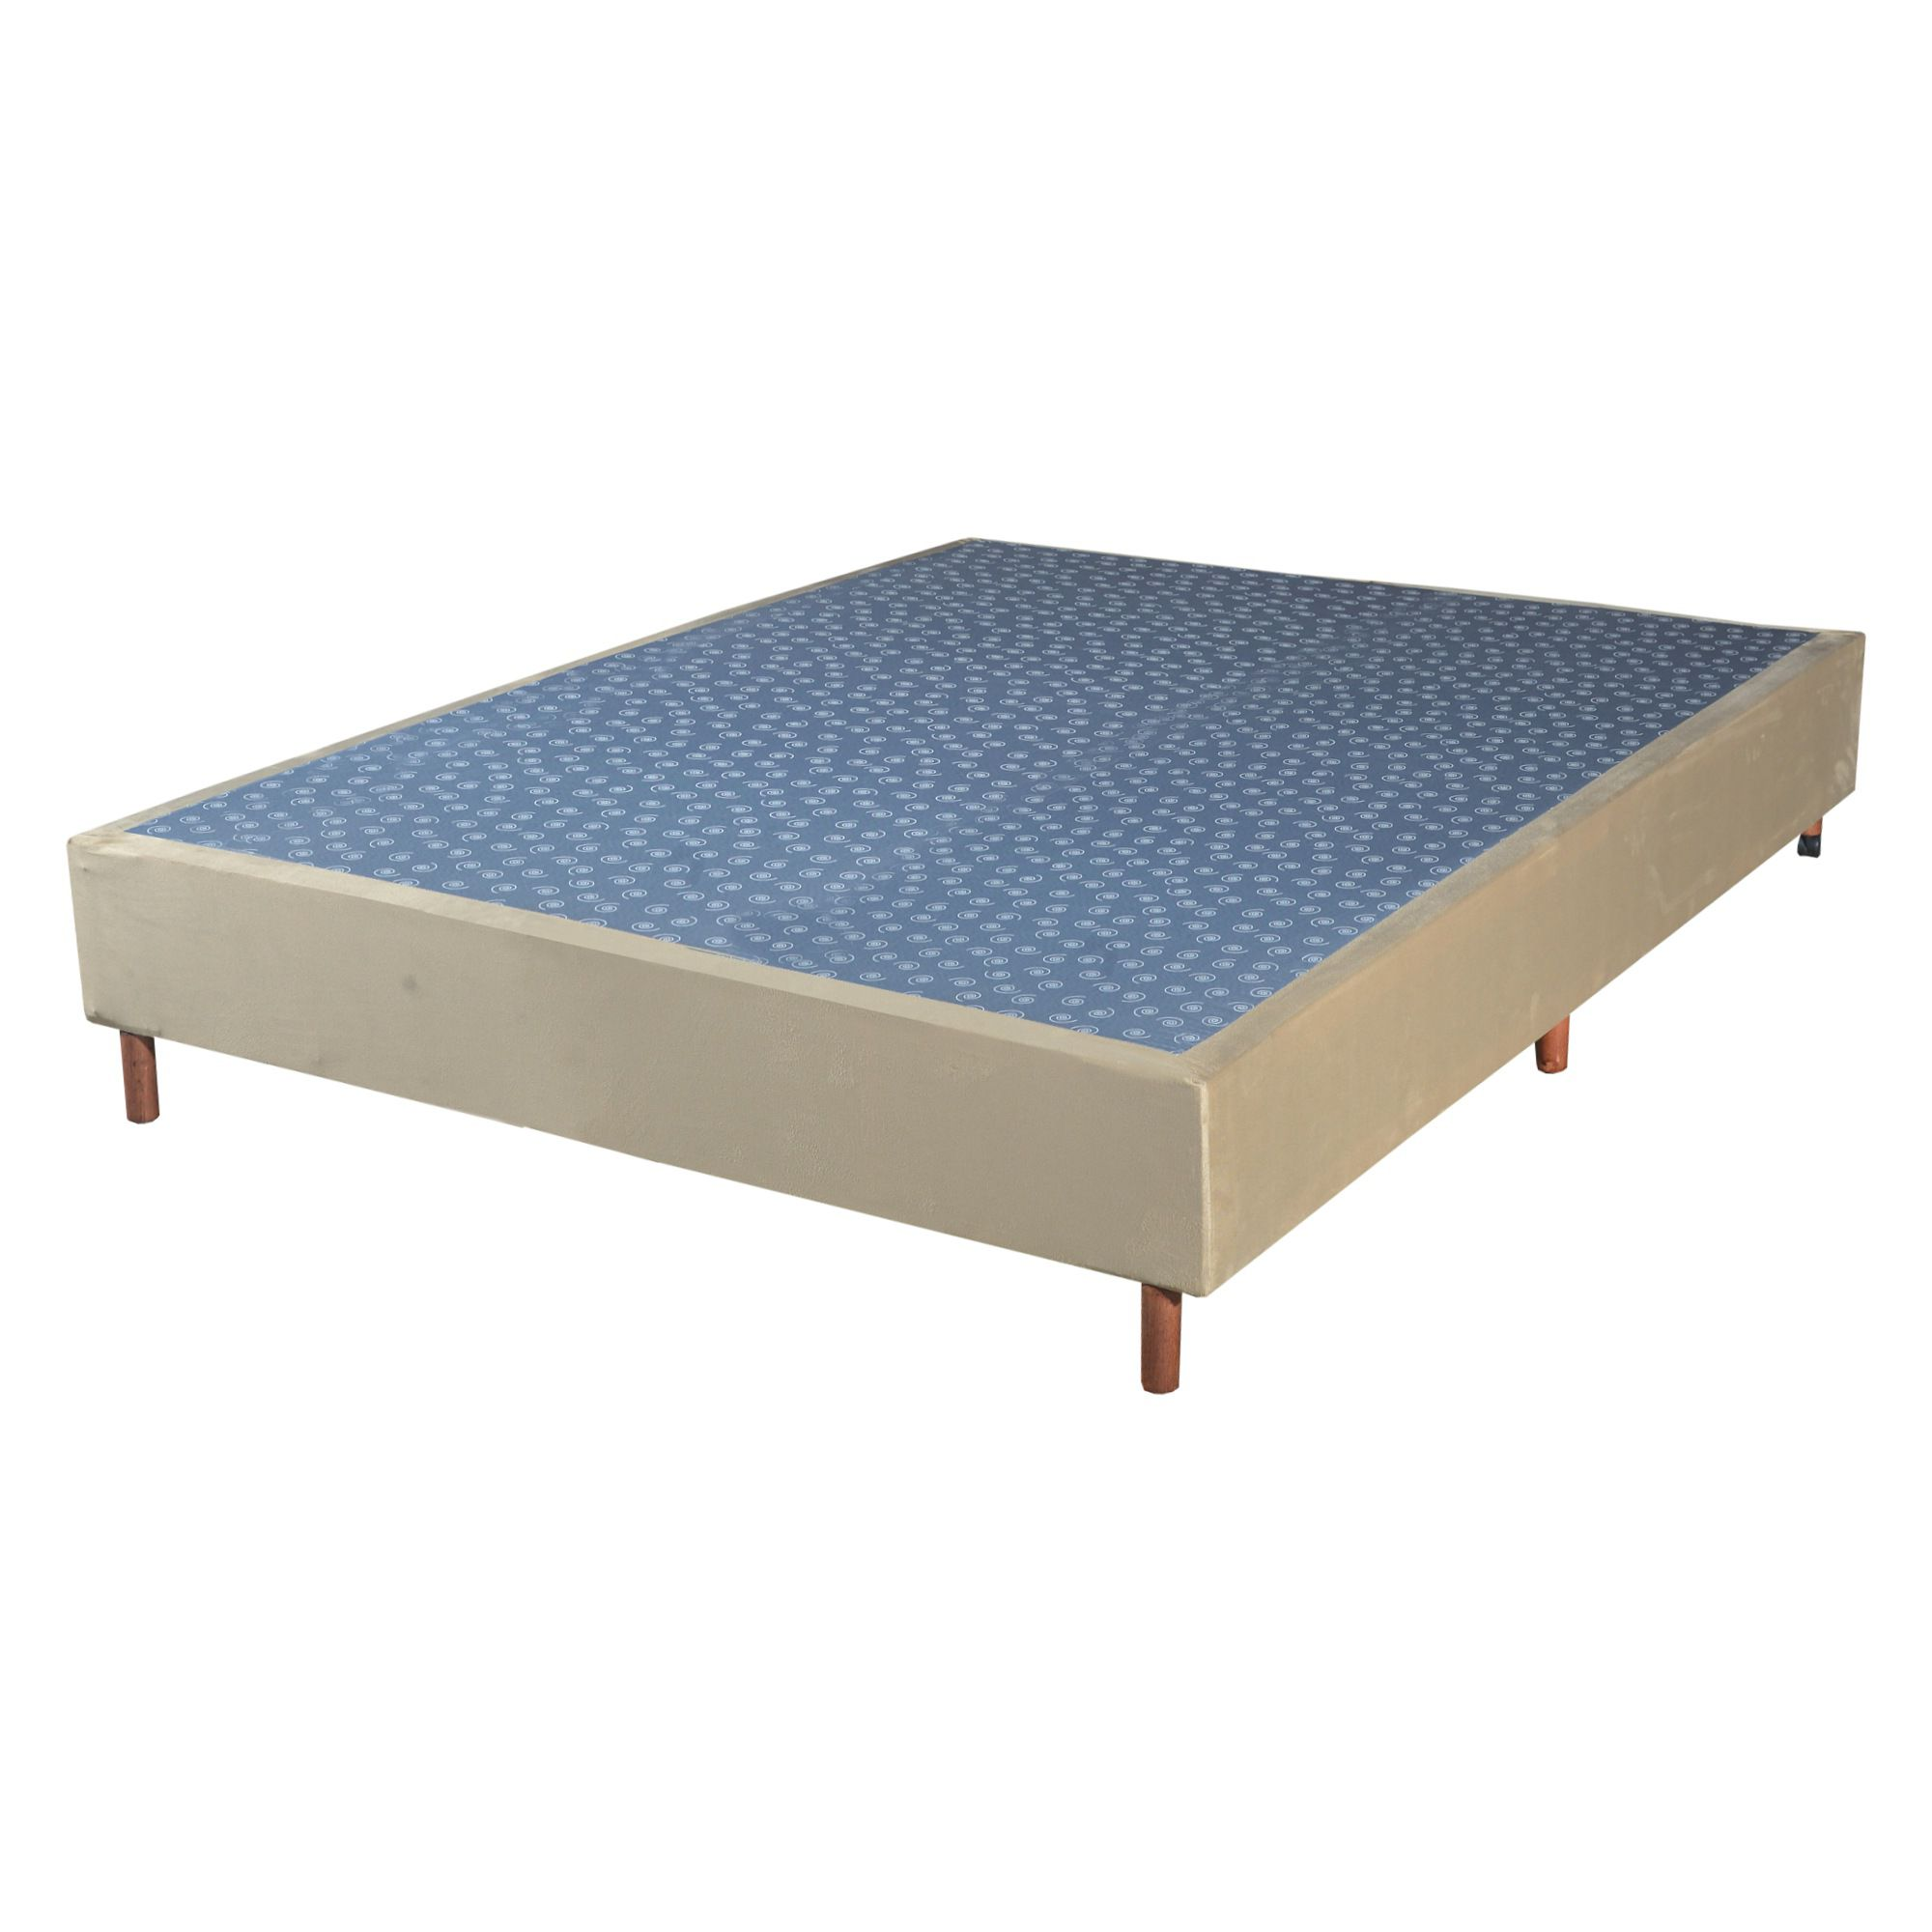 Cama Box Base Casal Veludo Bege 138x188x25